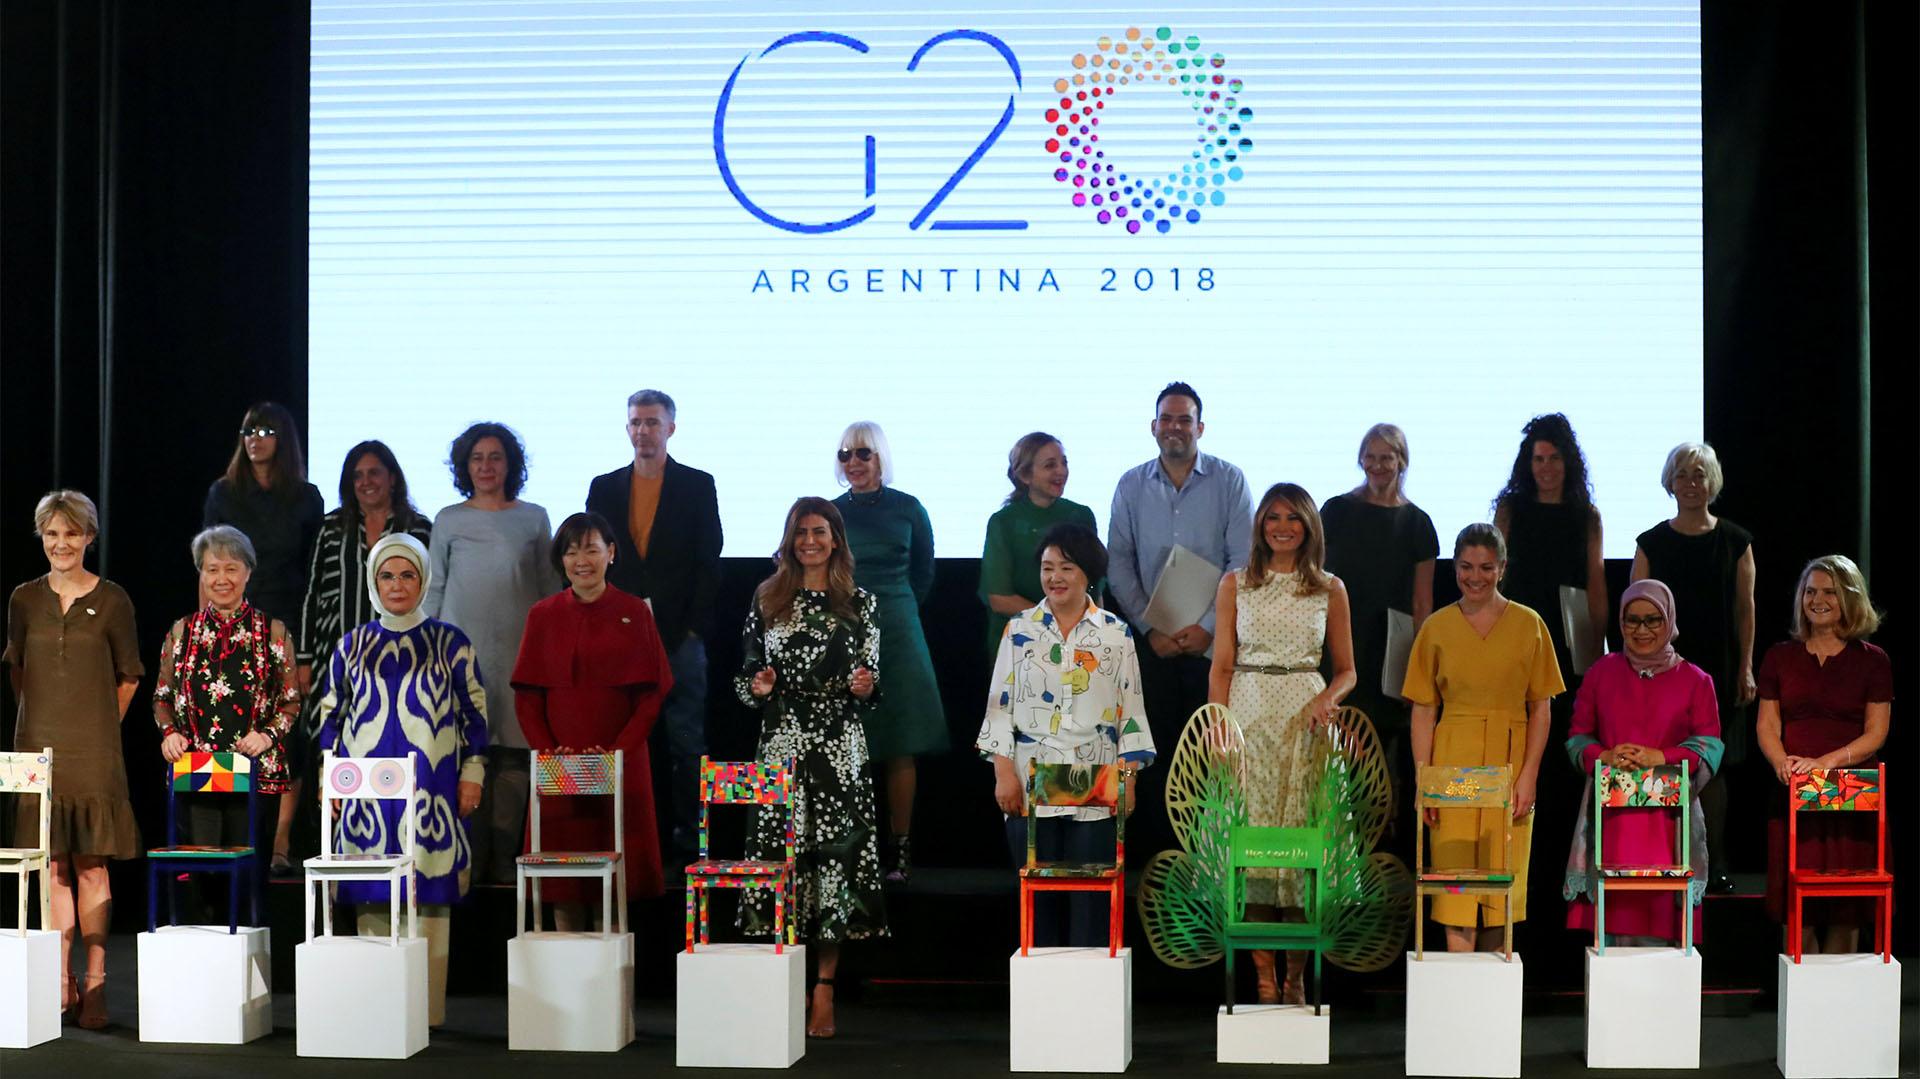 Las primeras damas del mundo junto a los artistas que intervinieron las sillas